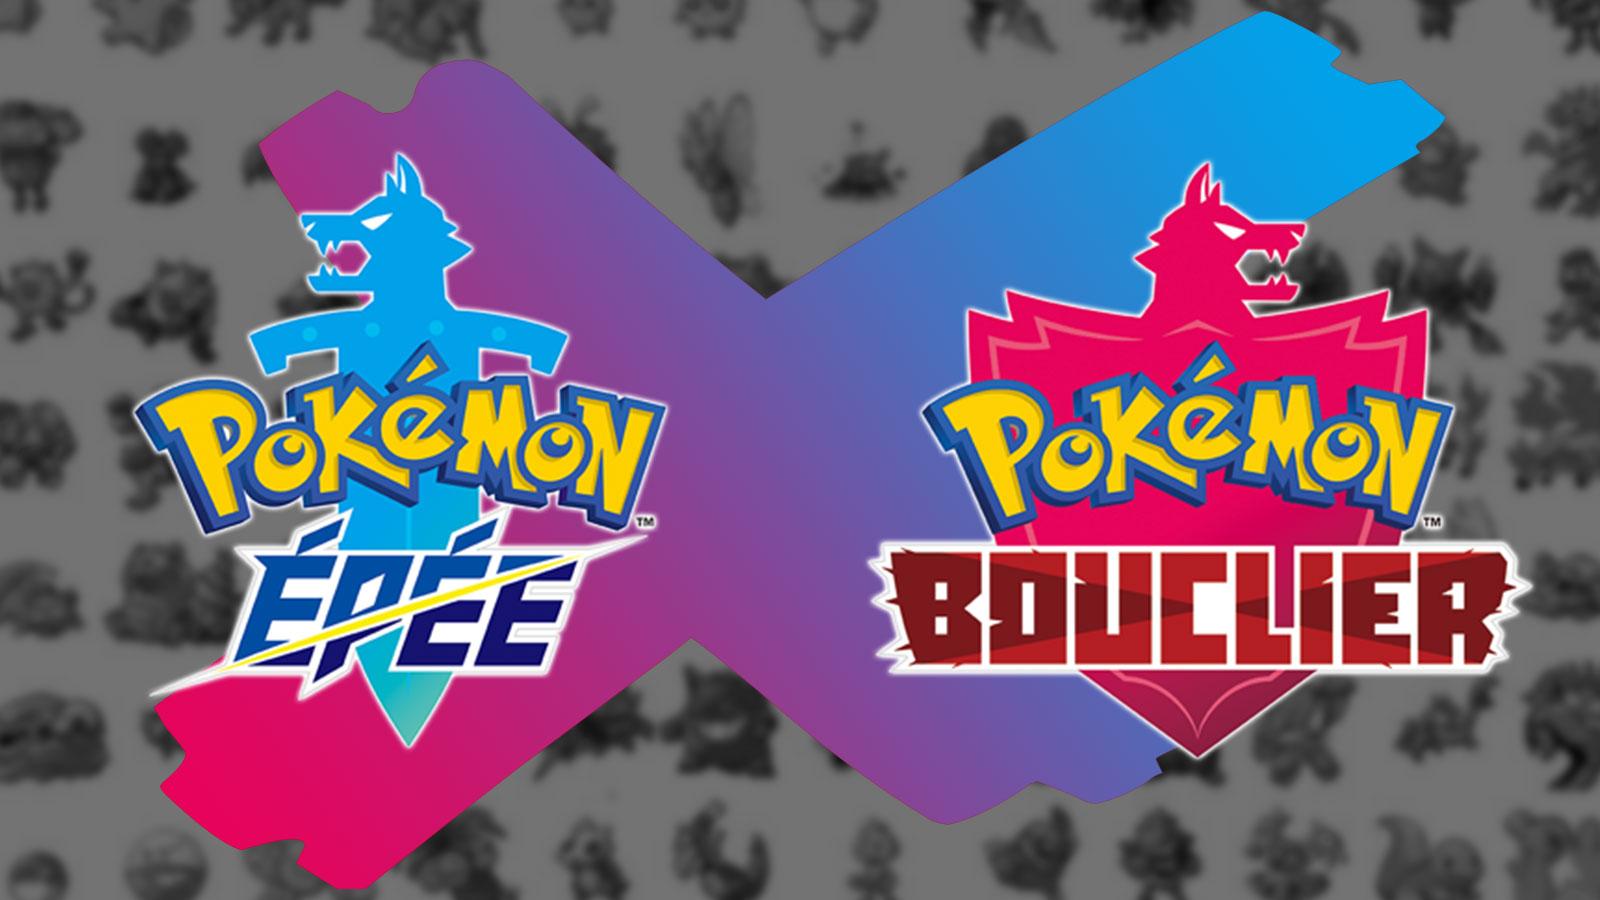 Pokémon manquants Pokédex Épée et Bouclier